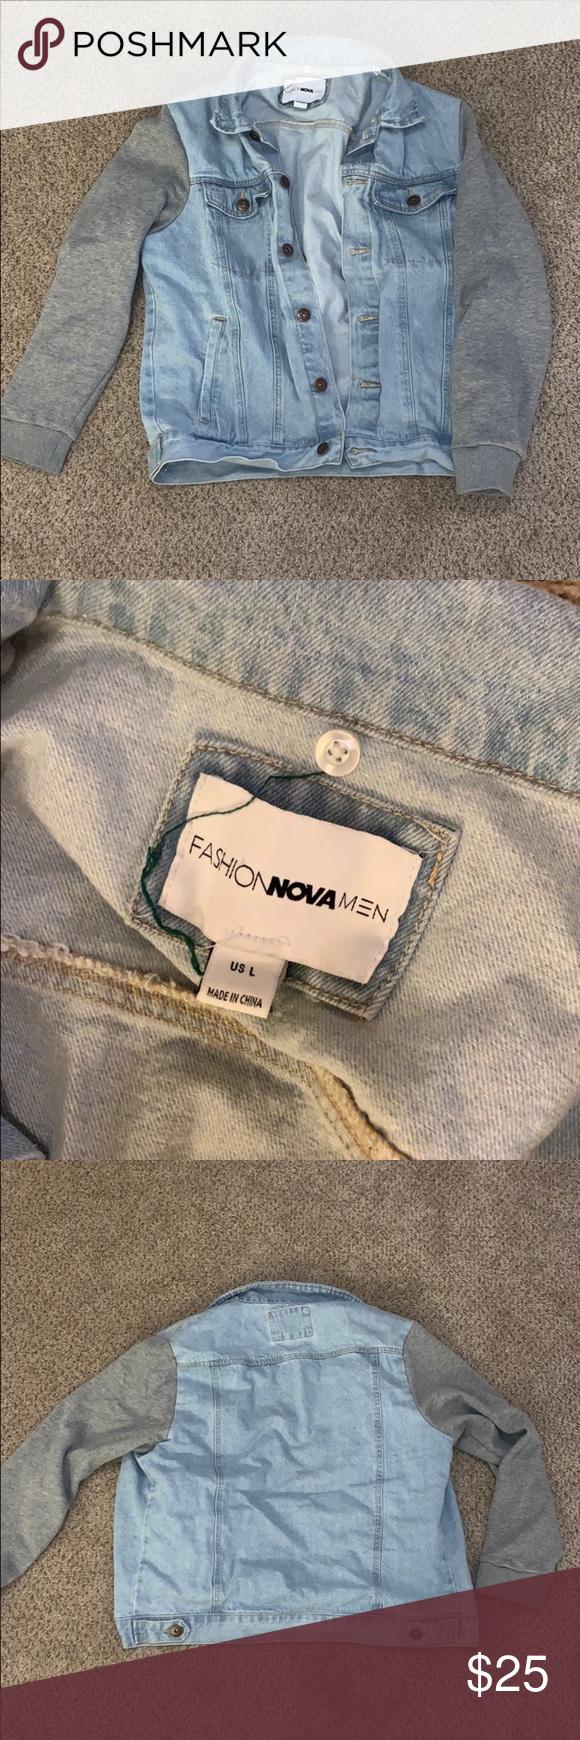 Men S Fashionnova Denim Jacket Denim Jacket Fashion Denim Jacket Jacket Style [ 1740 x 580 Pixel ]